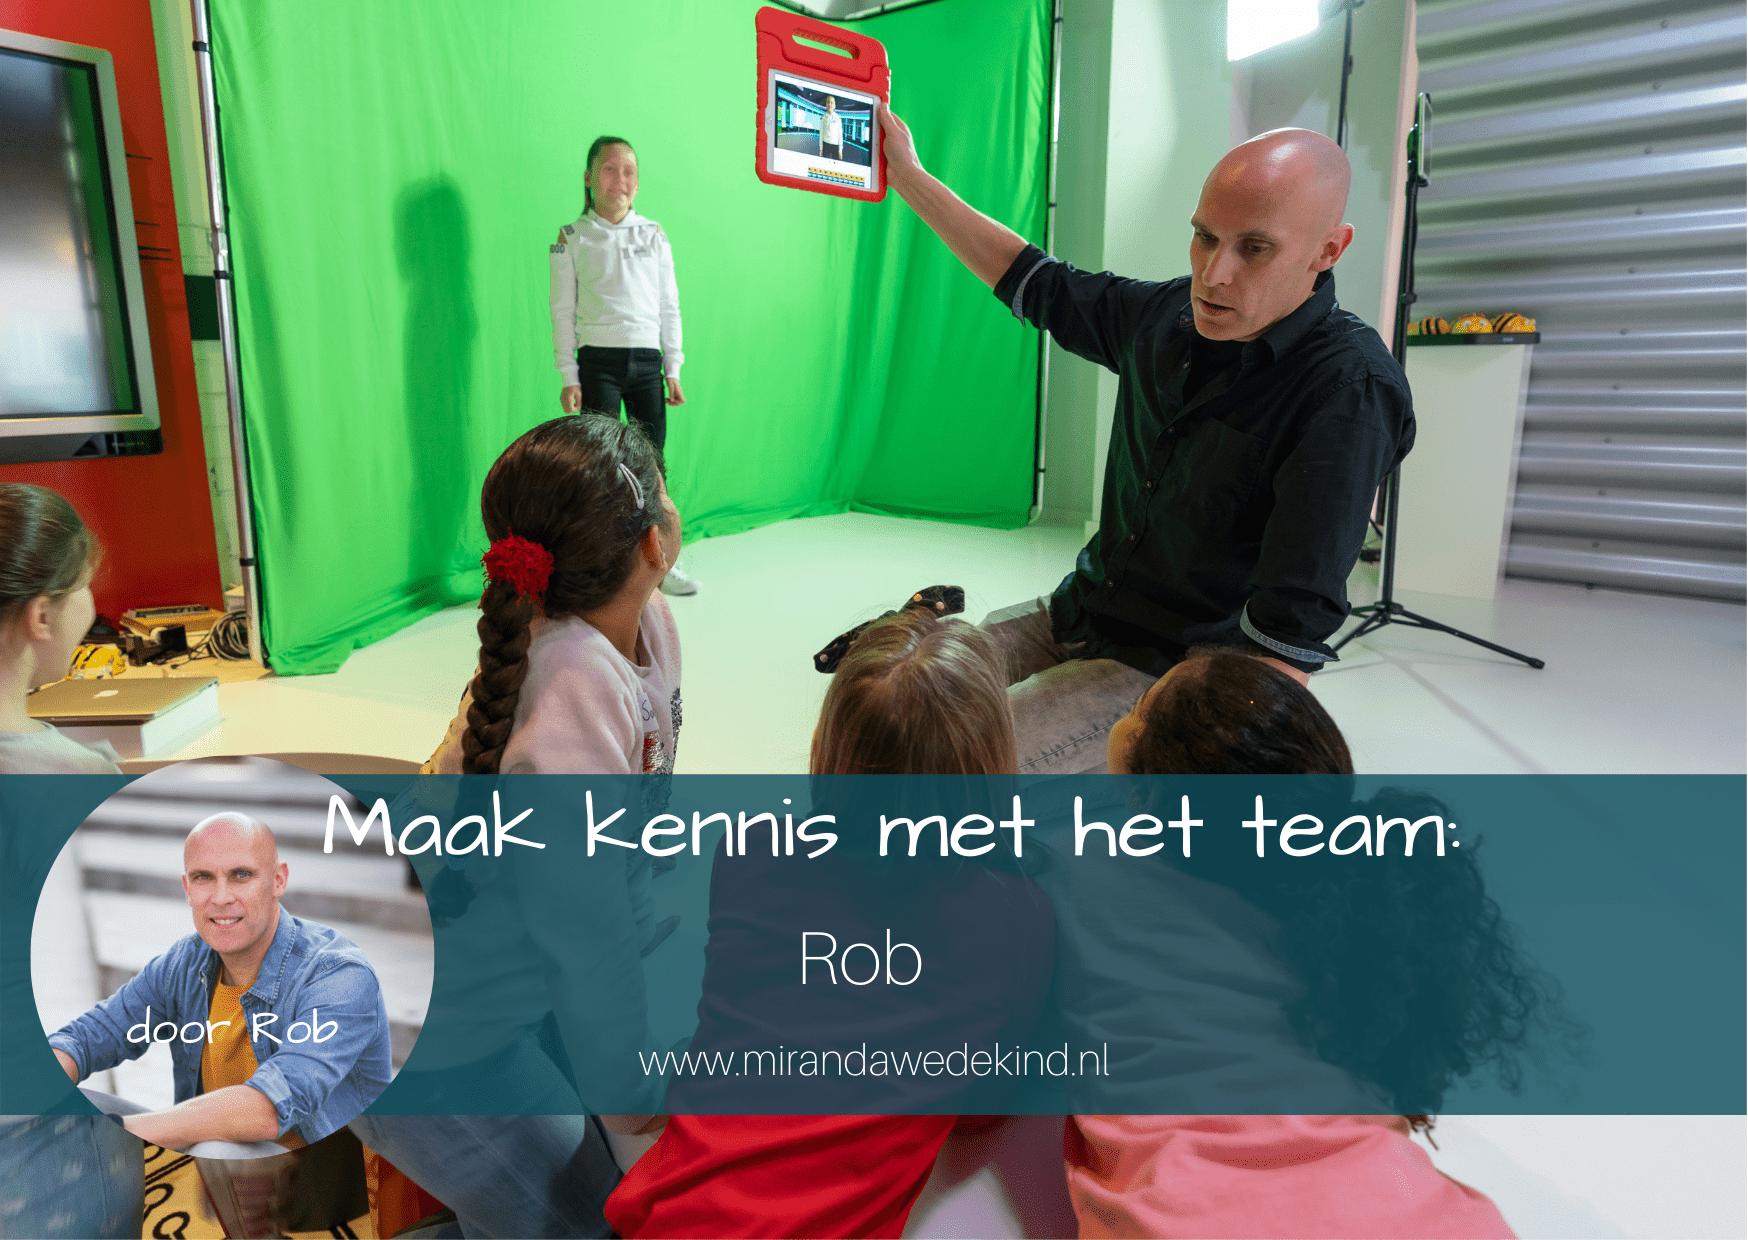 Maak kennis met het team: Rob